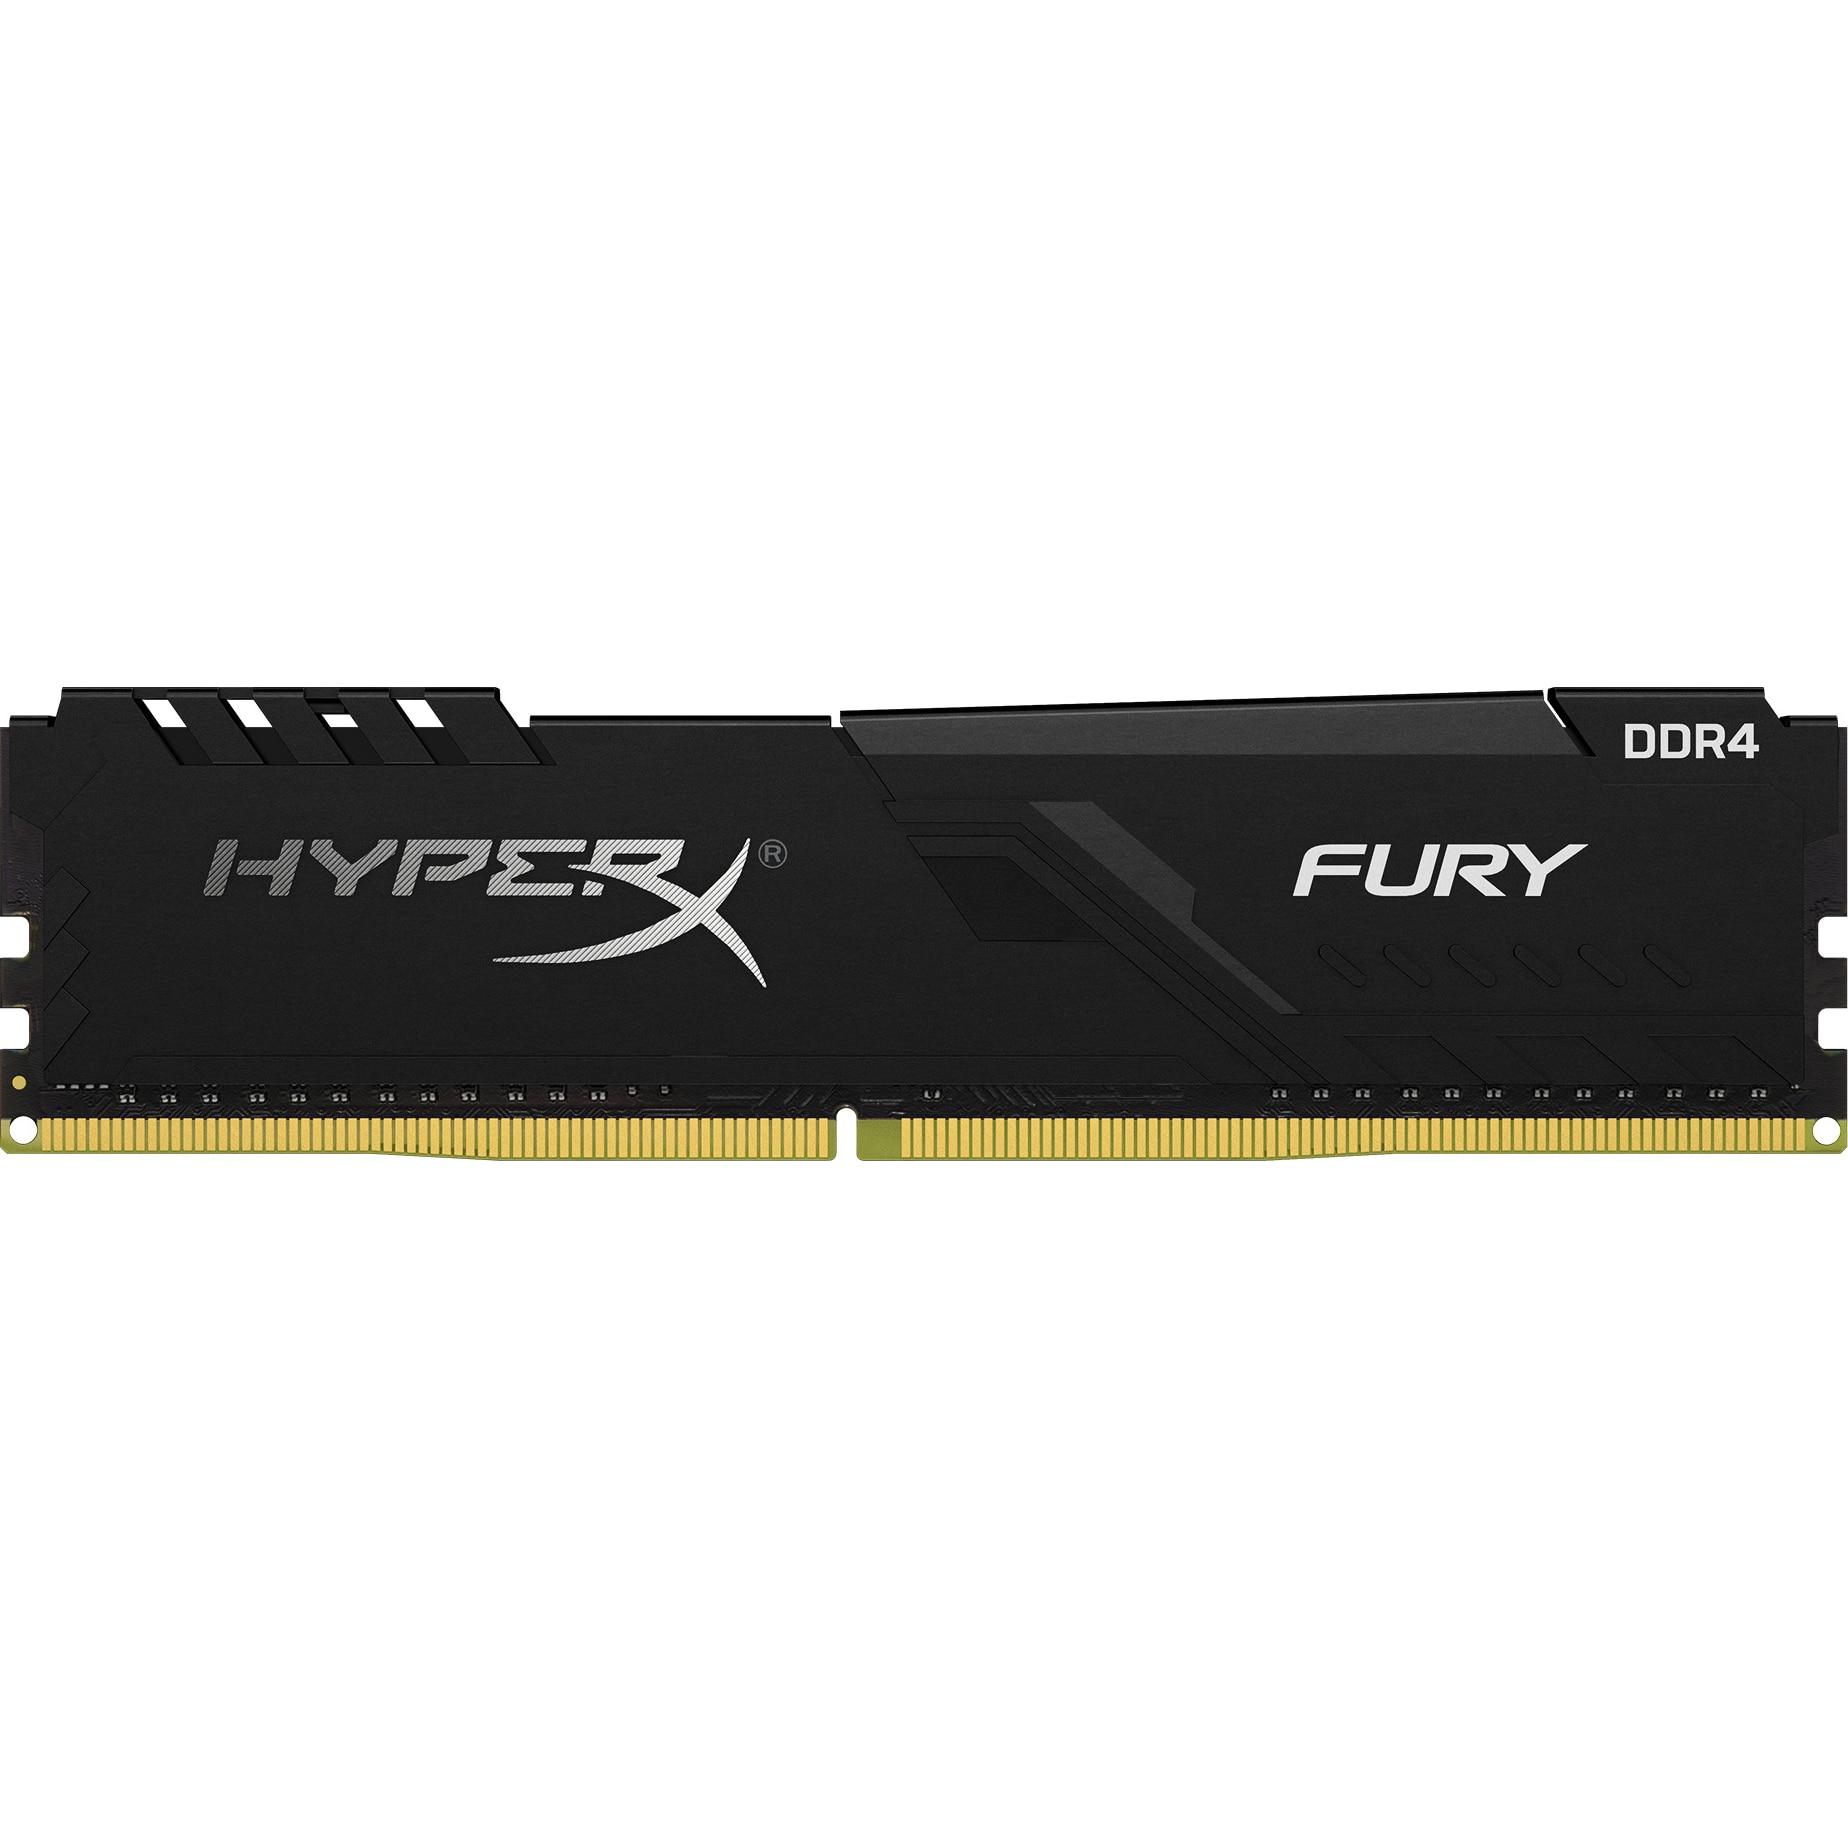 Fotografie Memorie HyperX Fury Black 4GB, DDR4, 2400MHz, CL15, 1.2V